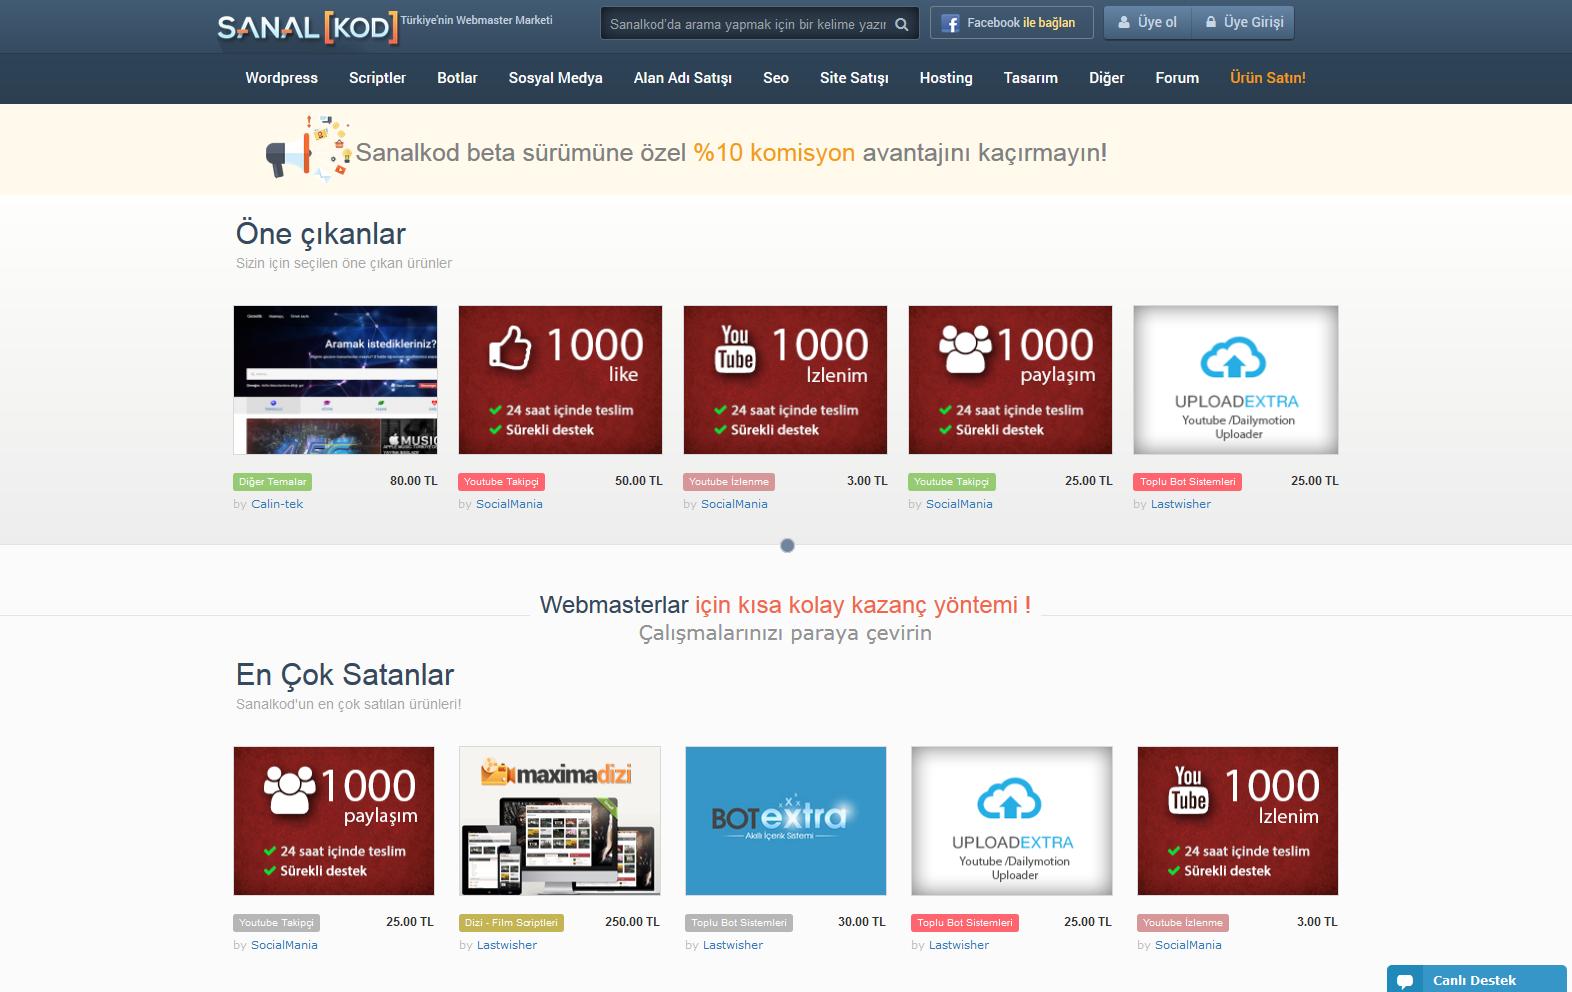 Webmasterlar Sanalkod'a ürünlerini eklemeye başladı